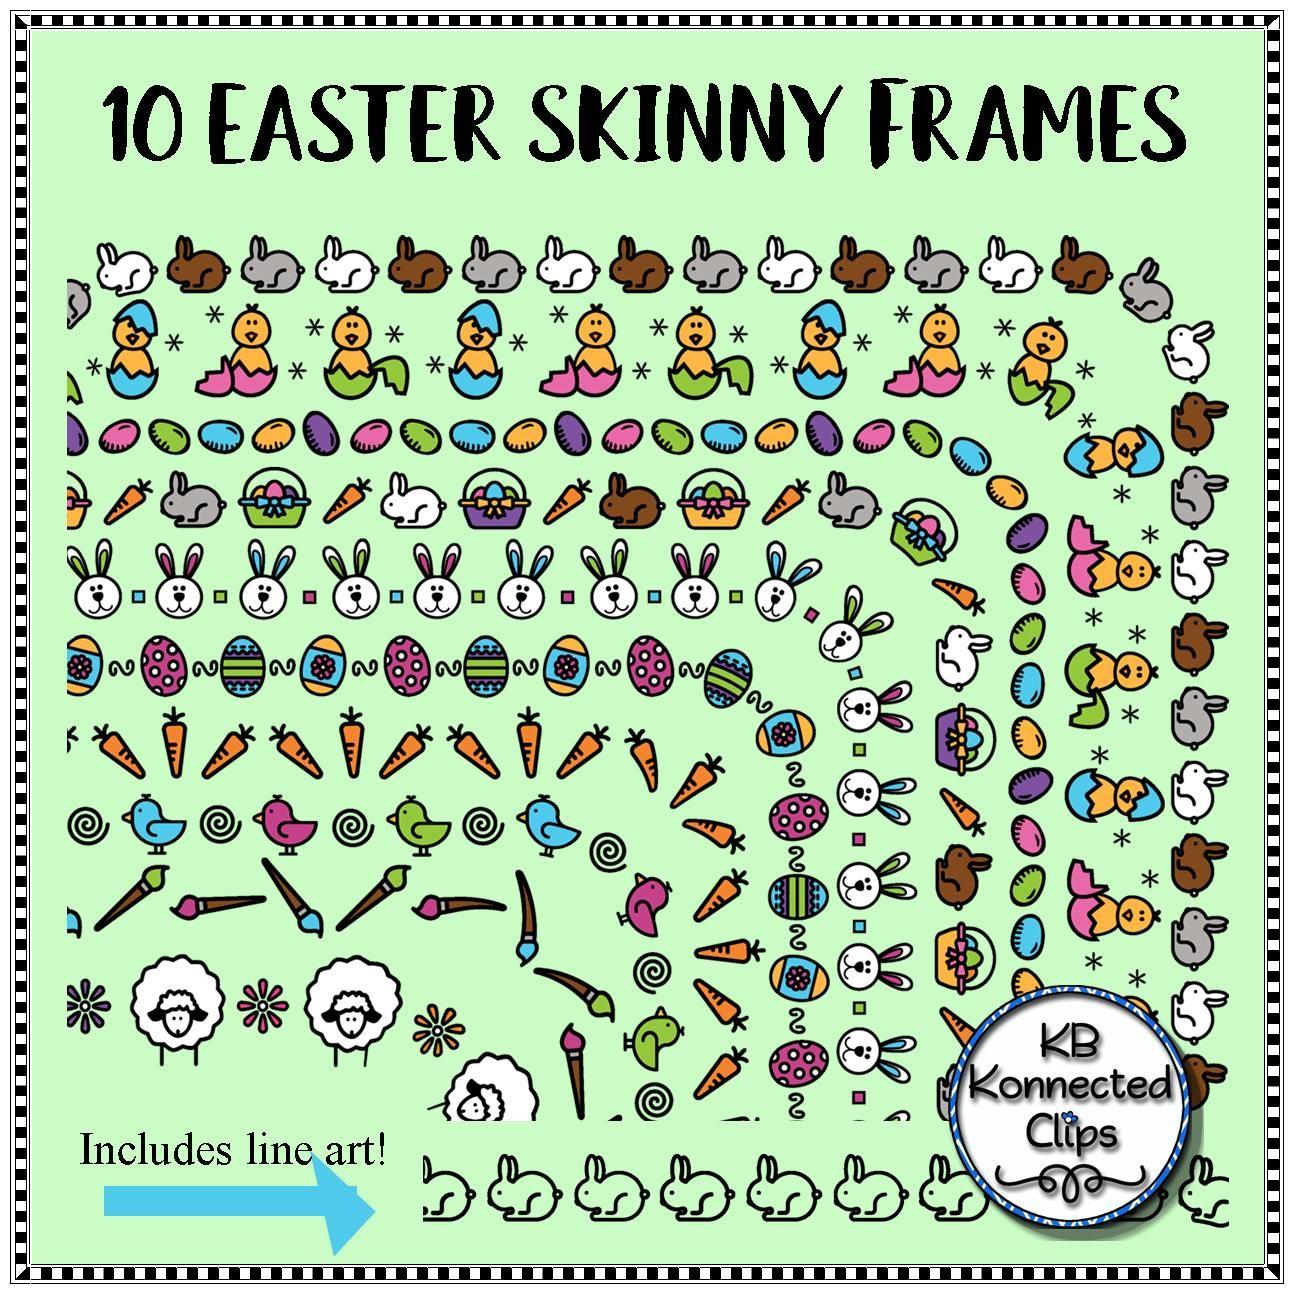 10 Easter Skinny Frames